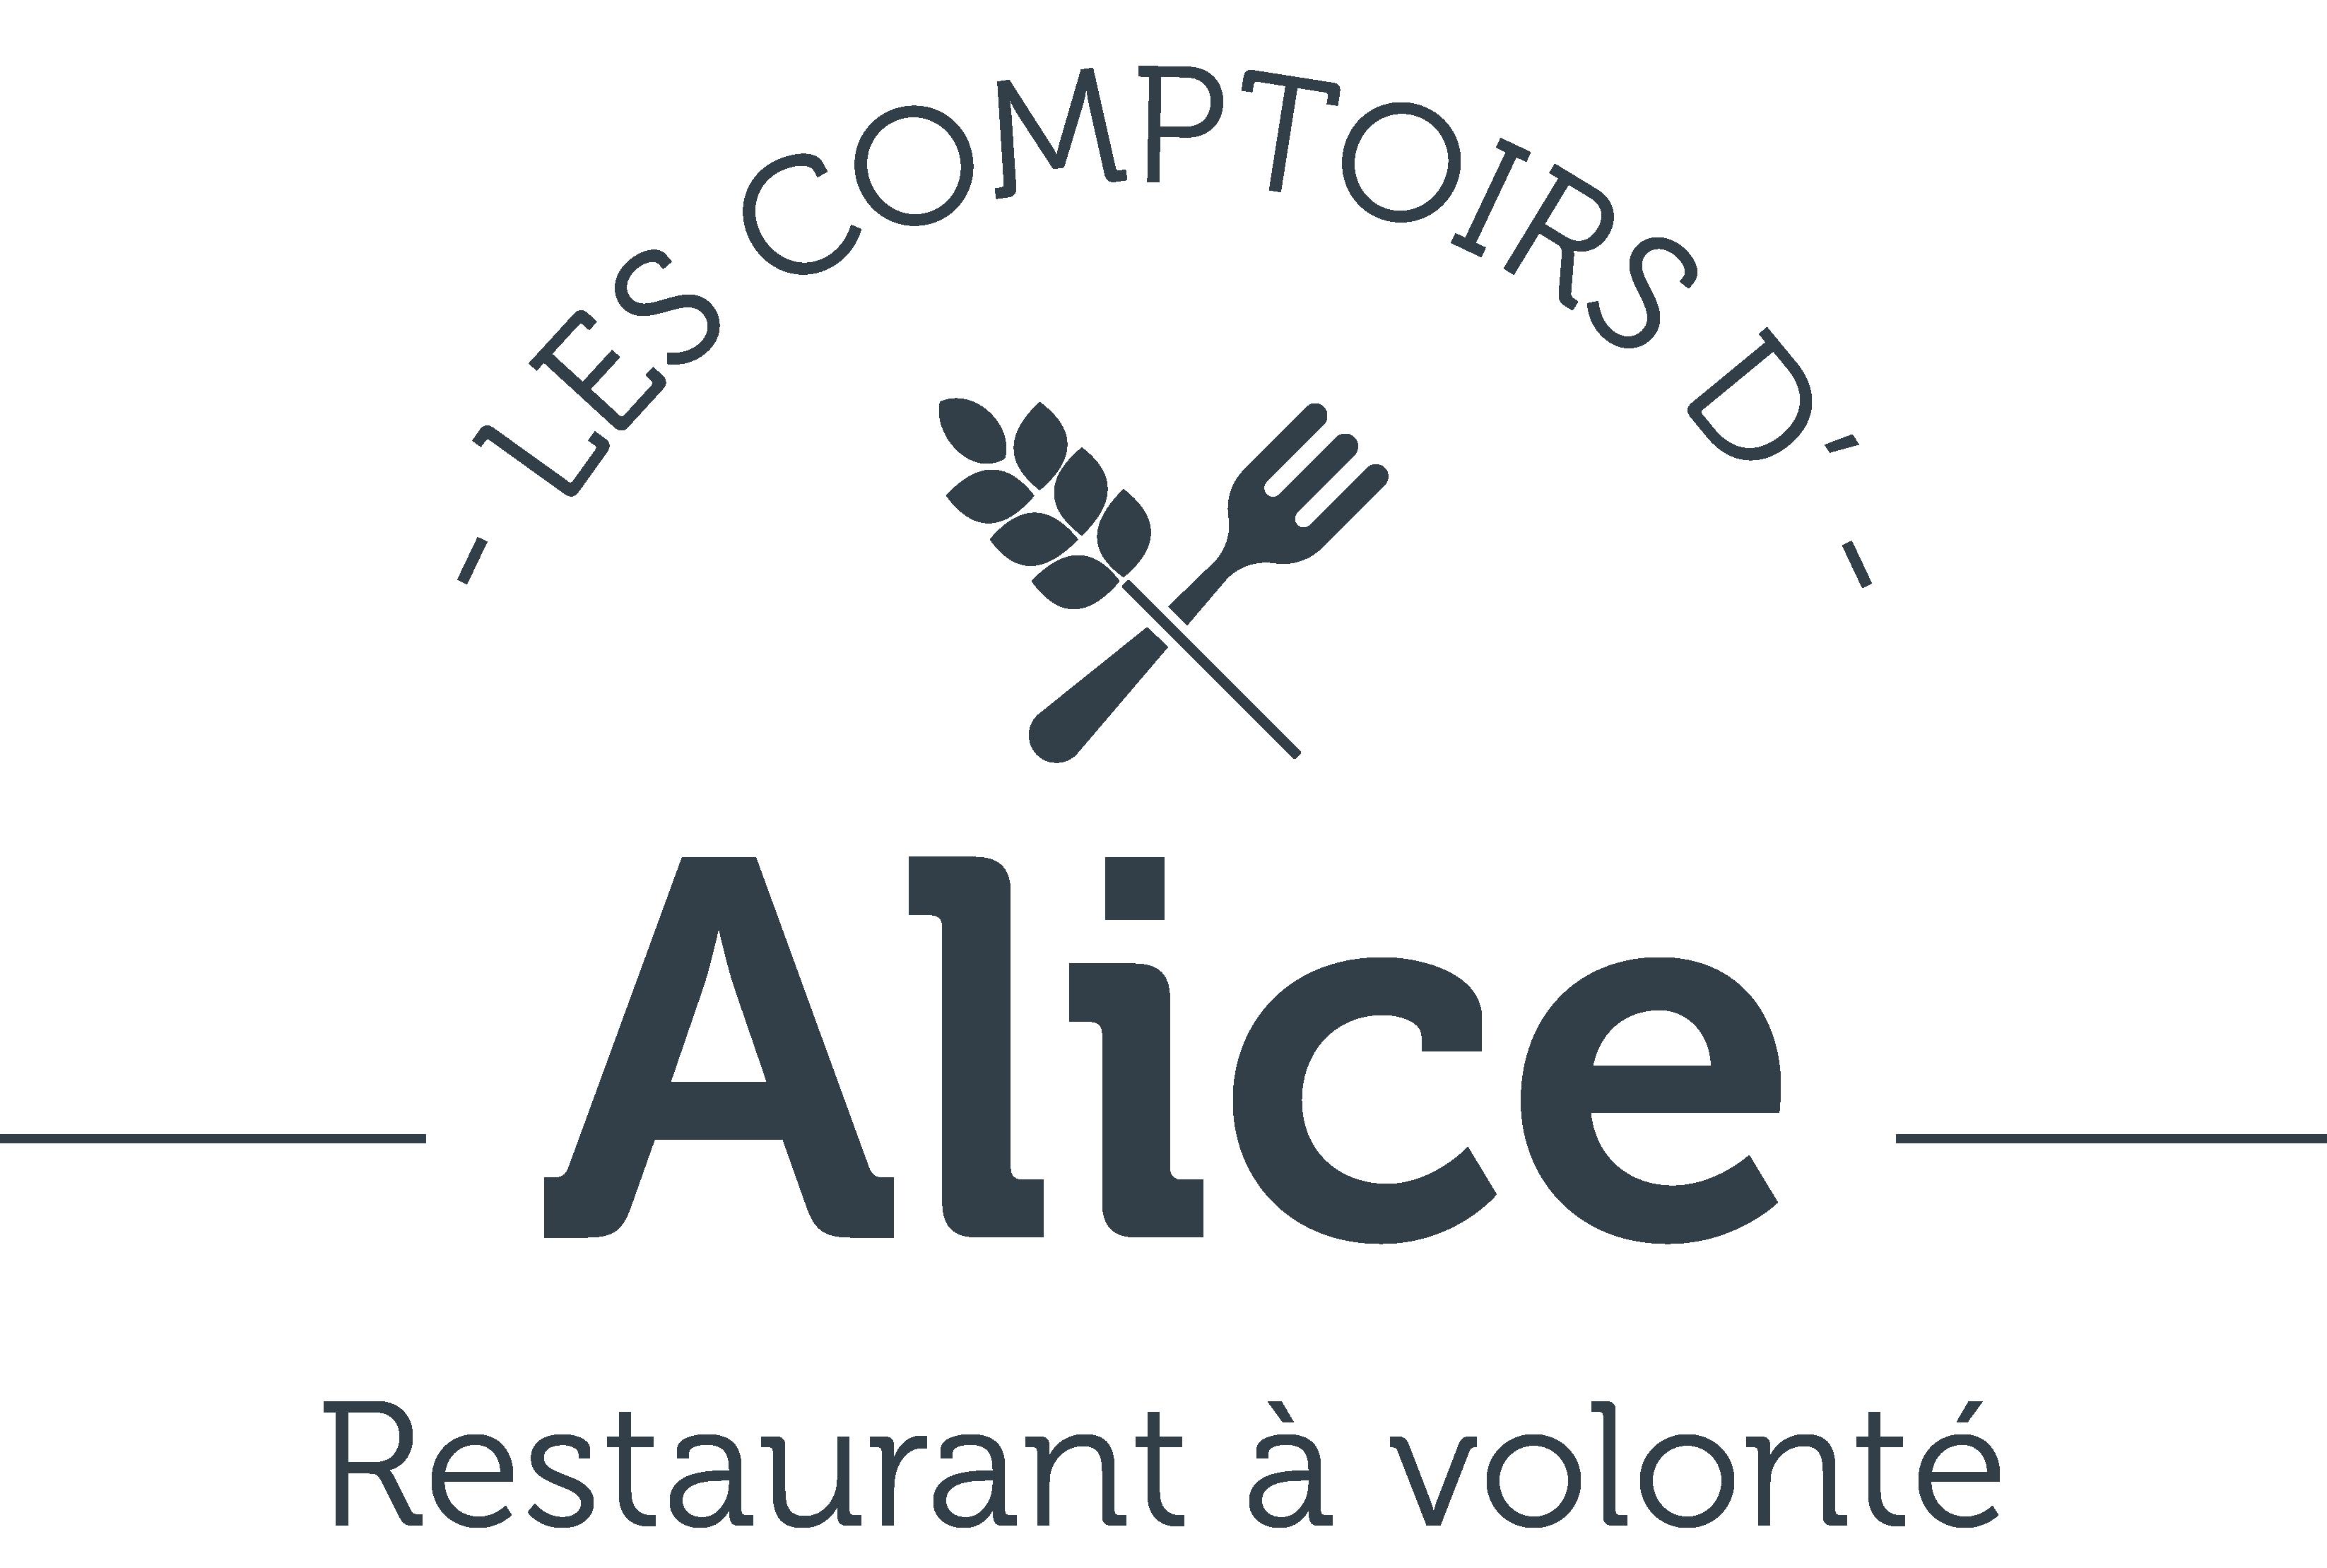 Les Comptoirs d'Alice